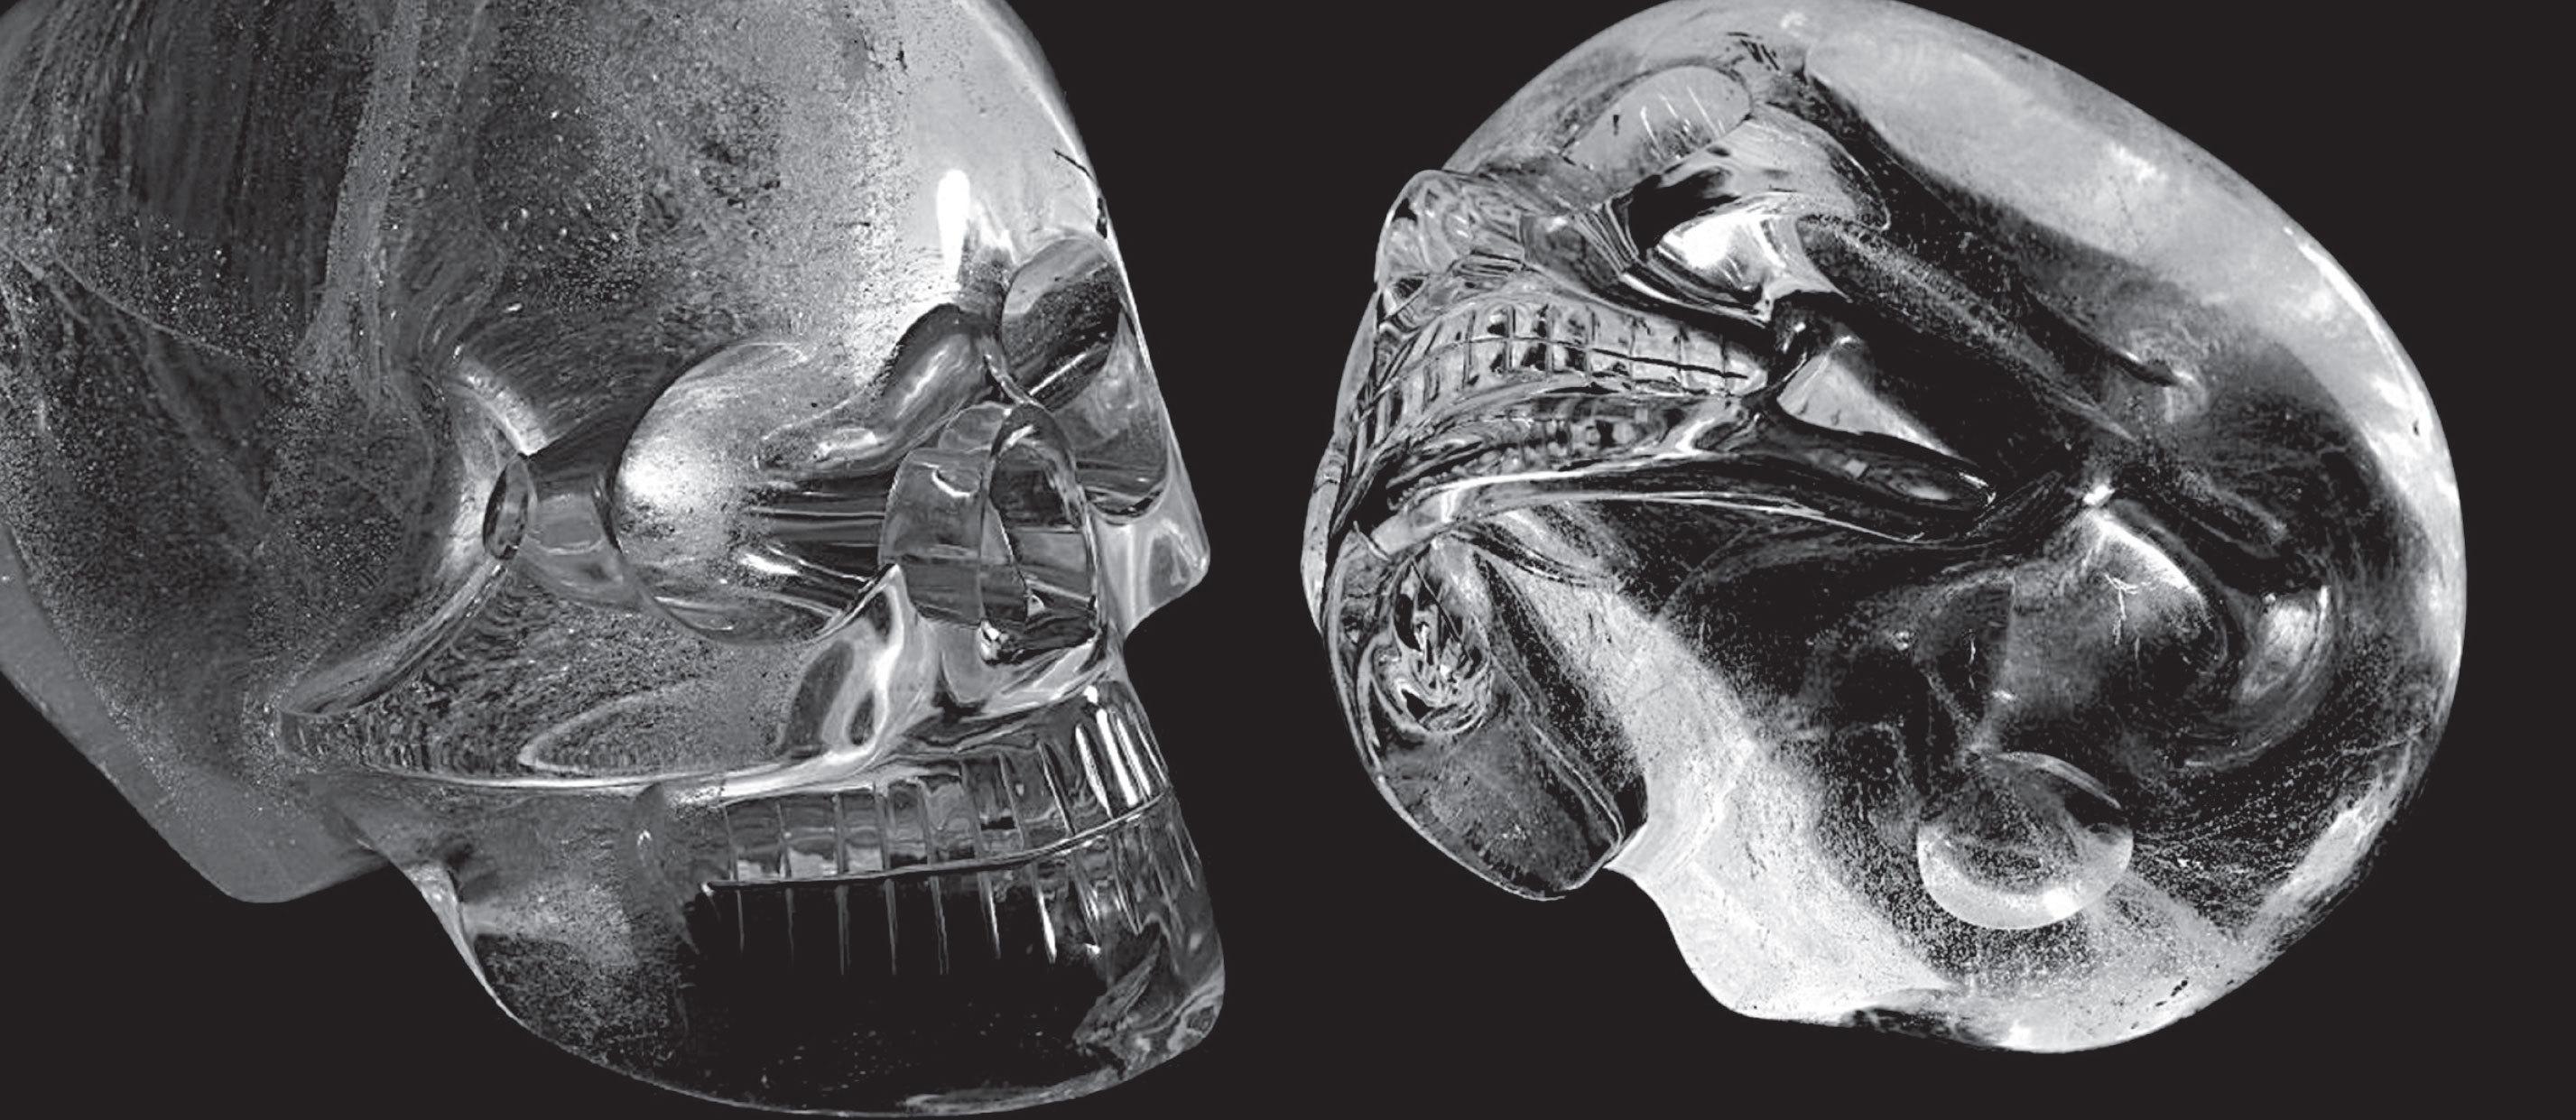 失落的文明——水晶頭骨(下)